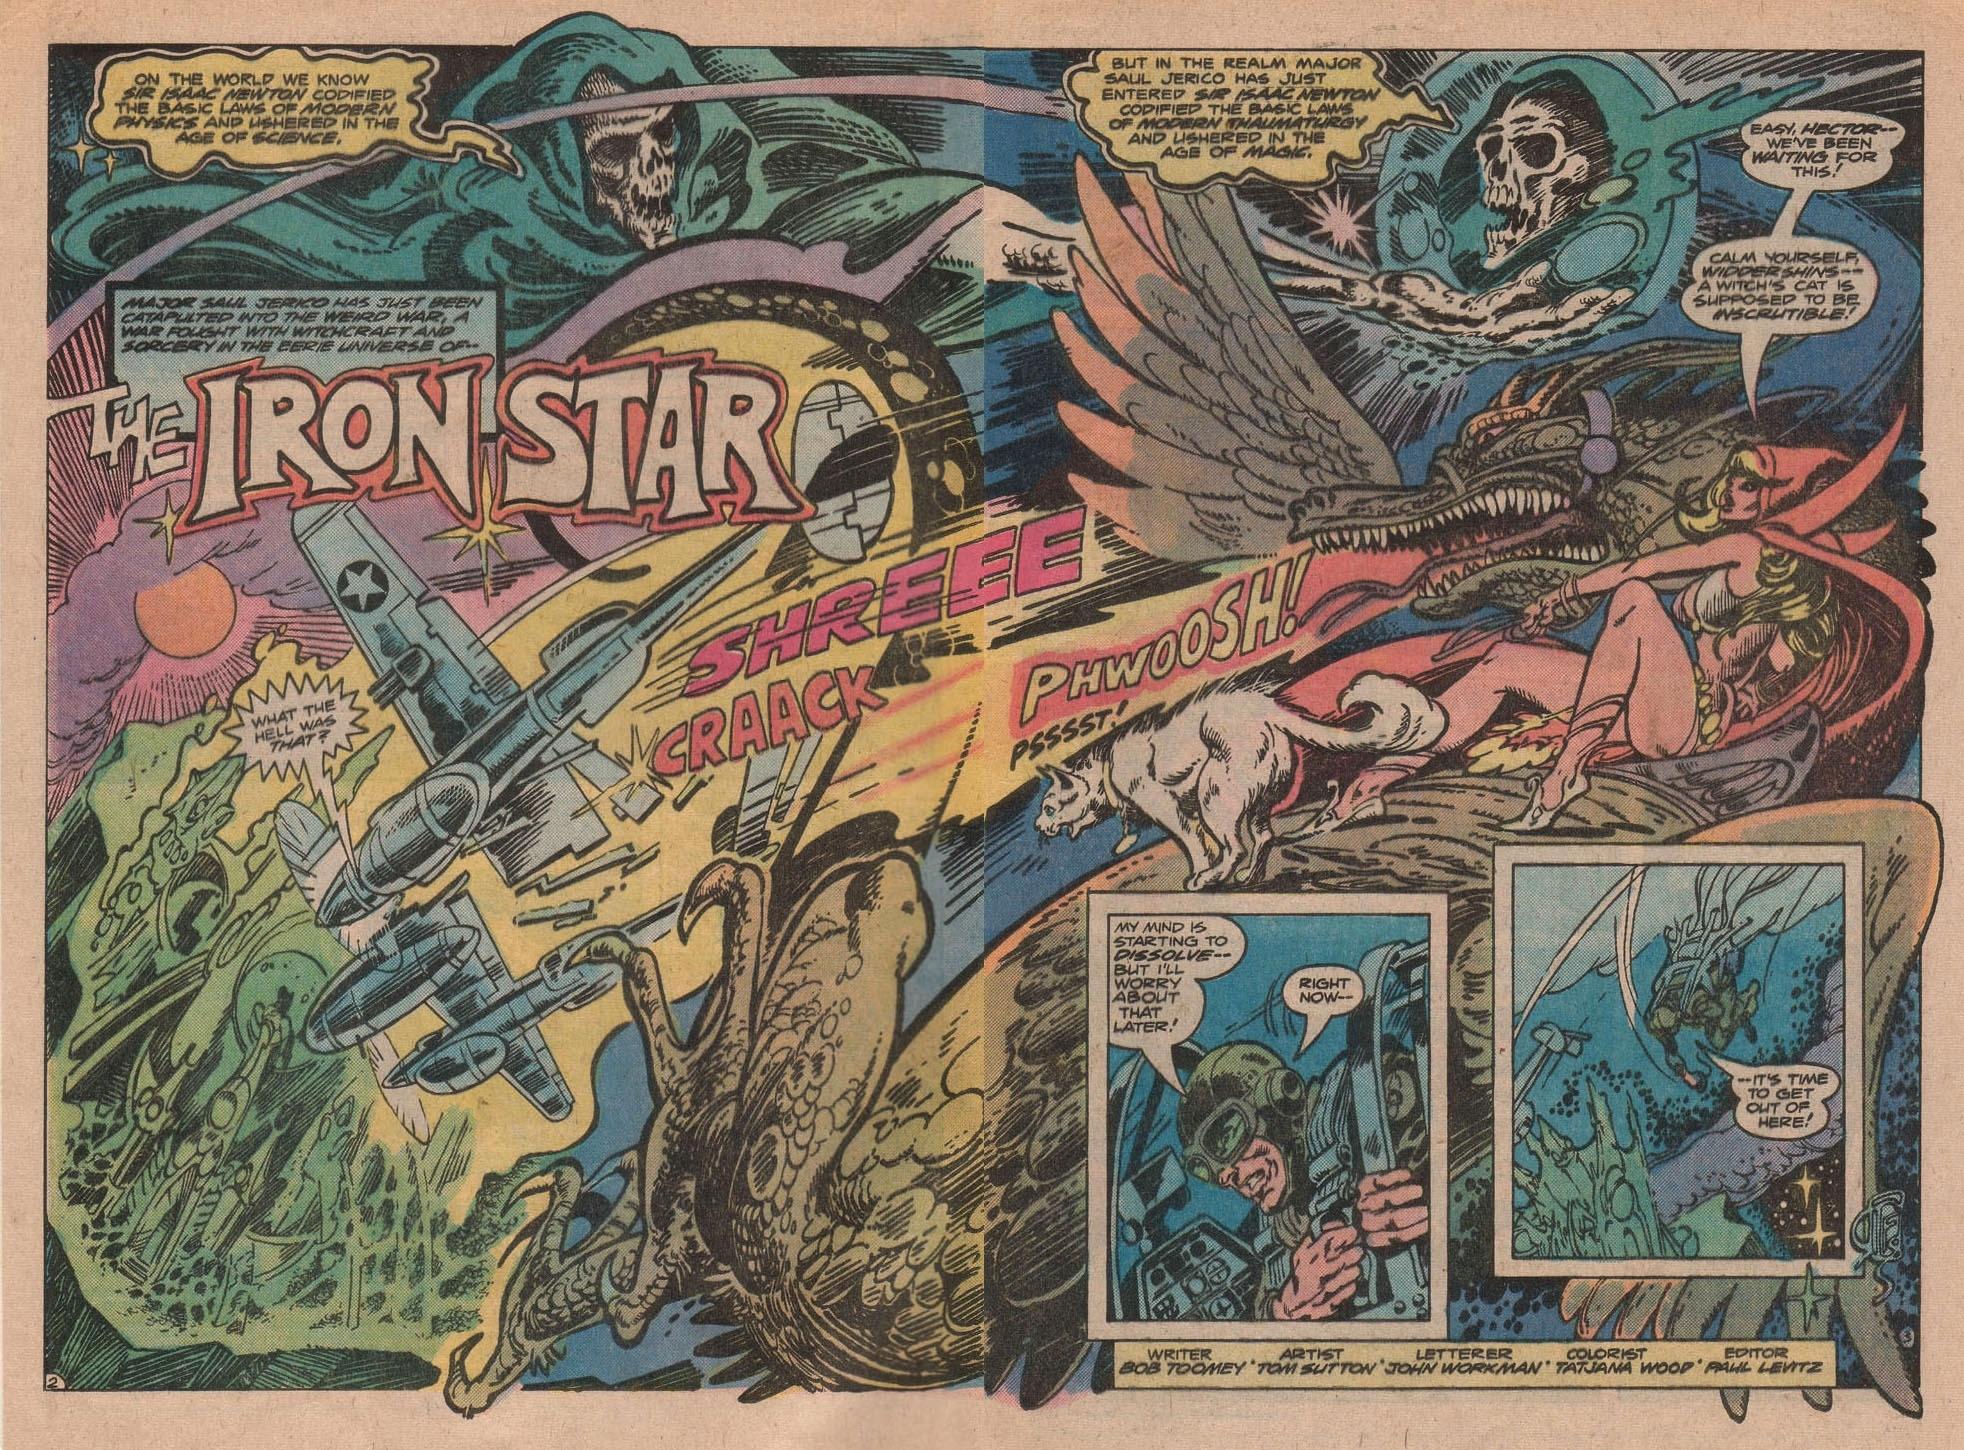 Weird War Tales (1971) #66 pg2-3, lettered by John Workman.